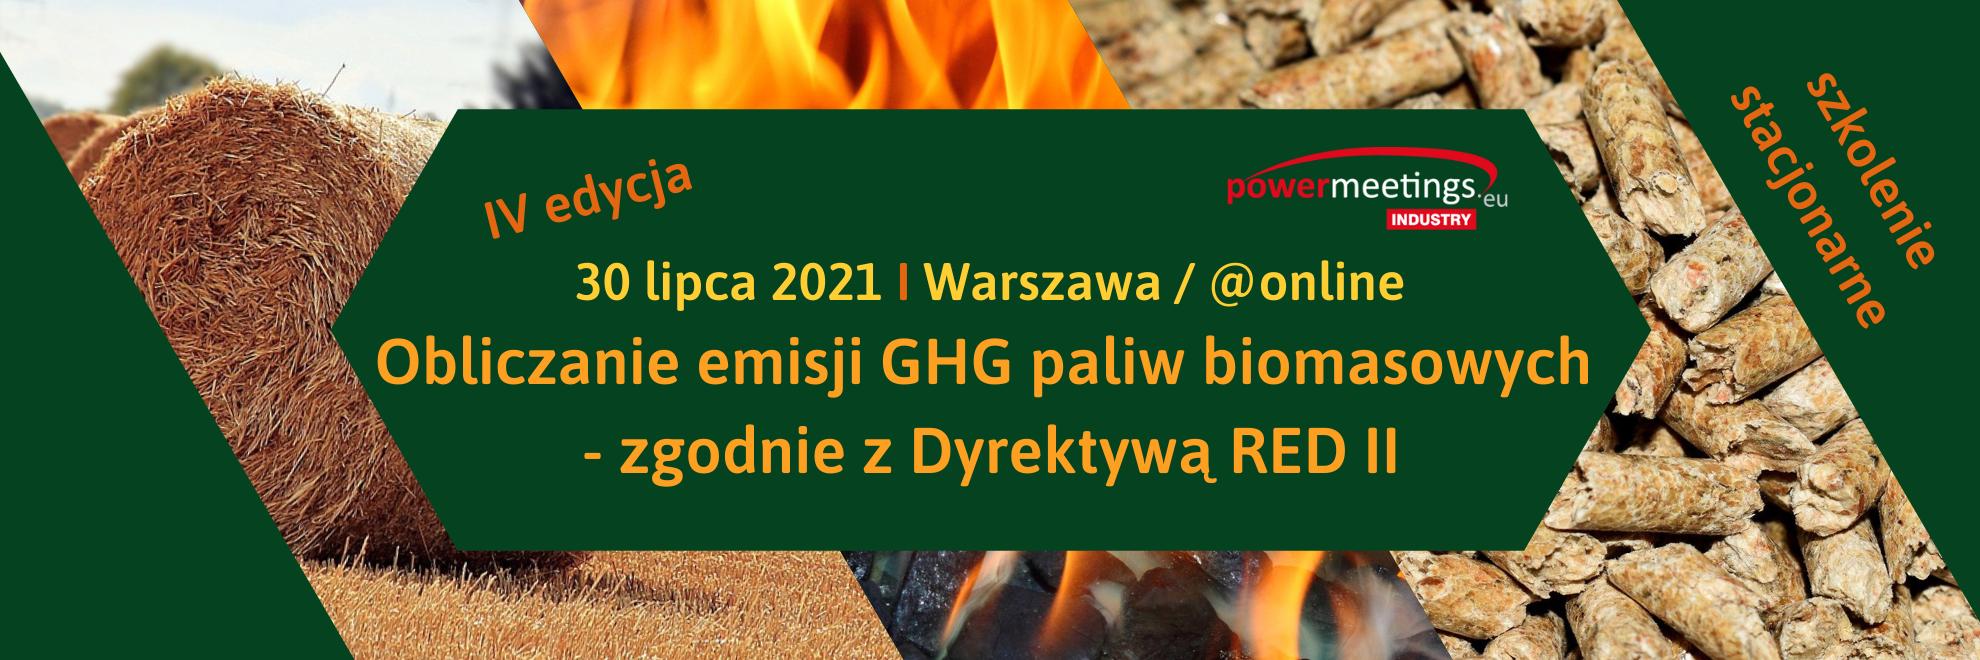 Obliczanie emisji GHG paliw biomasowych lipiec 2021